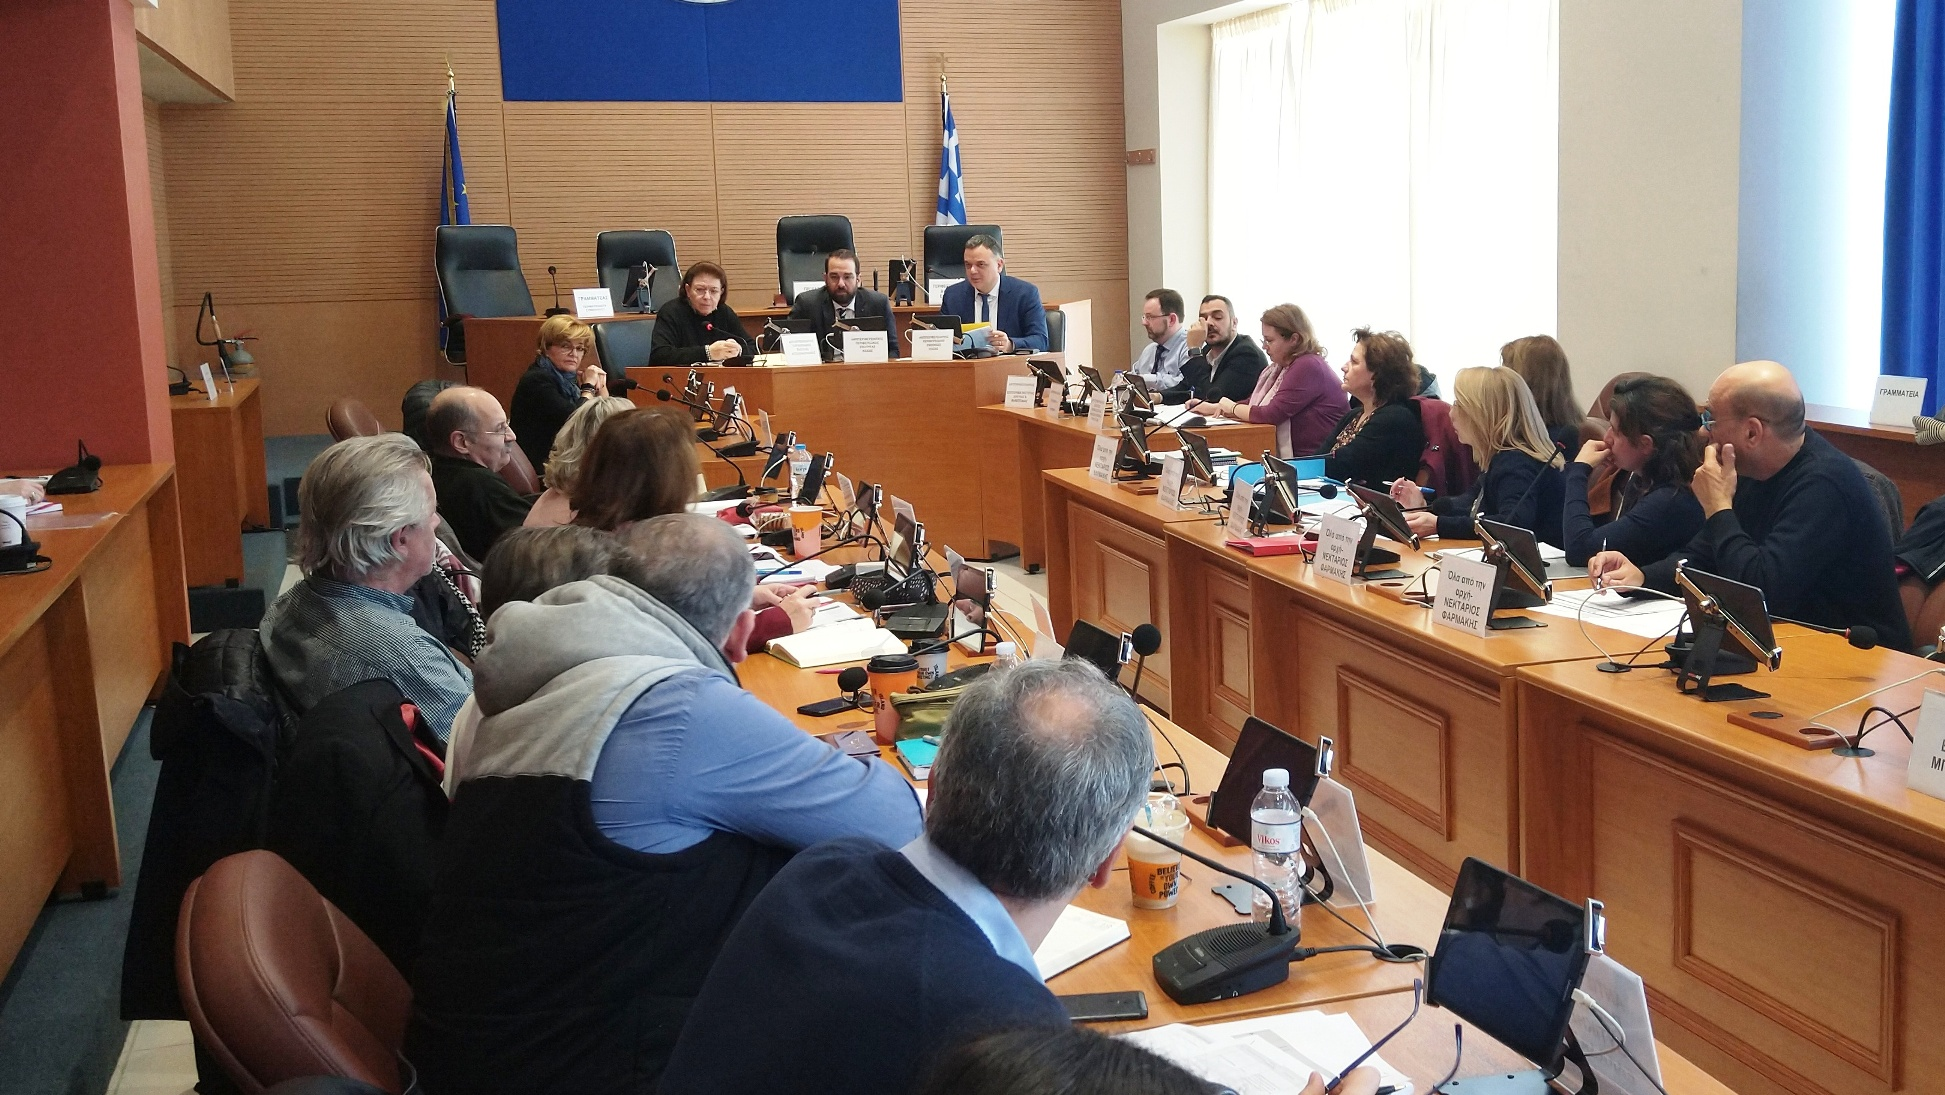 ΠΔΕ: Σύσκεψη στην Περιφέρεια με την υπουργό Πολιτισμού Λ. Μενδώνη και τον ΓΓ Πολιτισμού Γ. Διδασκάλου- Ν. Φαρμάκης: «Στόχος, να παραδώσουμε στον πολίτη της Δυτικής Ελλάδας, έργα που θα τον κάνουν περήφανο για την ιστορία και τον πολιτισμό του»